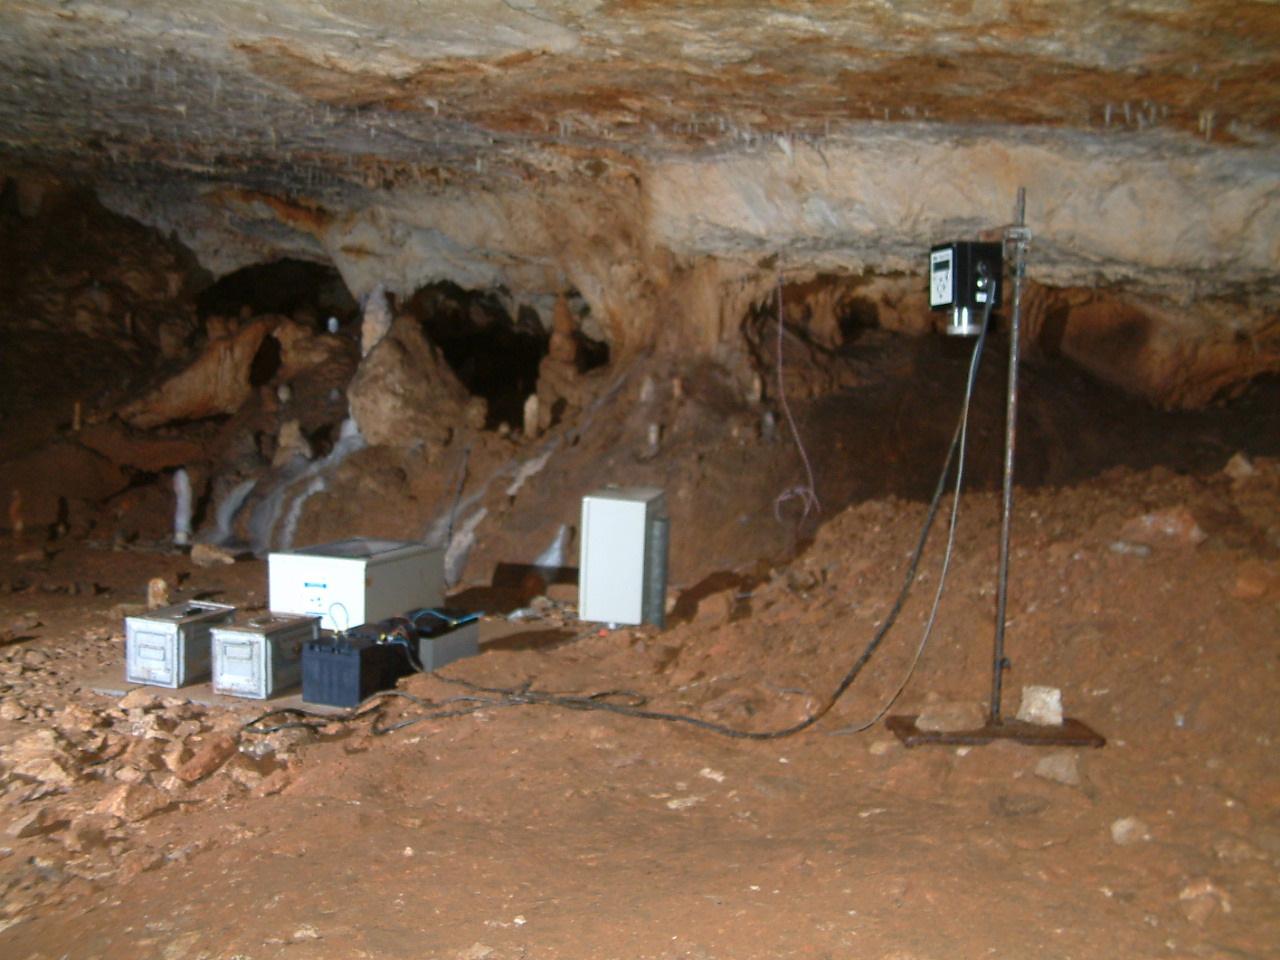 Centrale d'enregistrement des capteurs situés dans la grotte